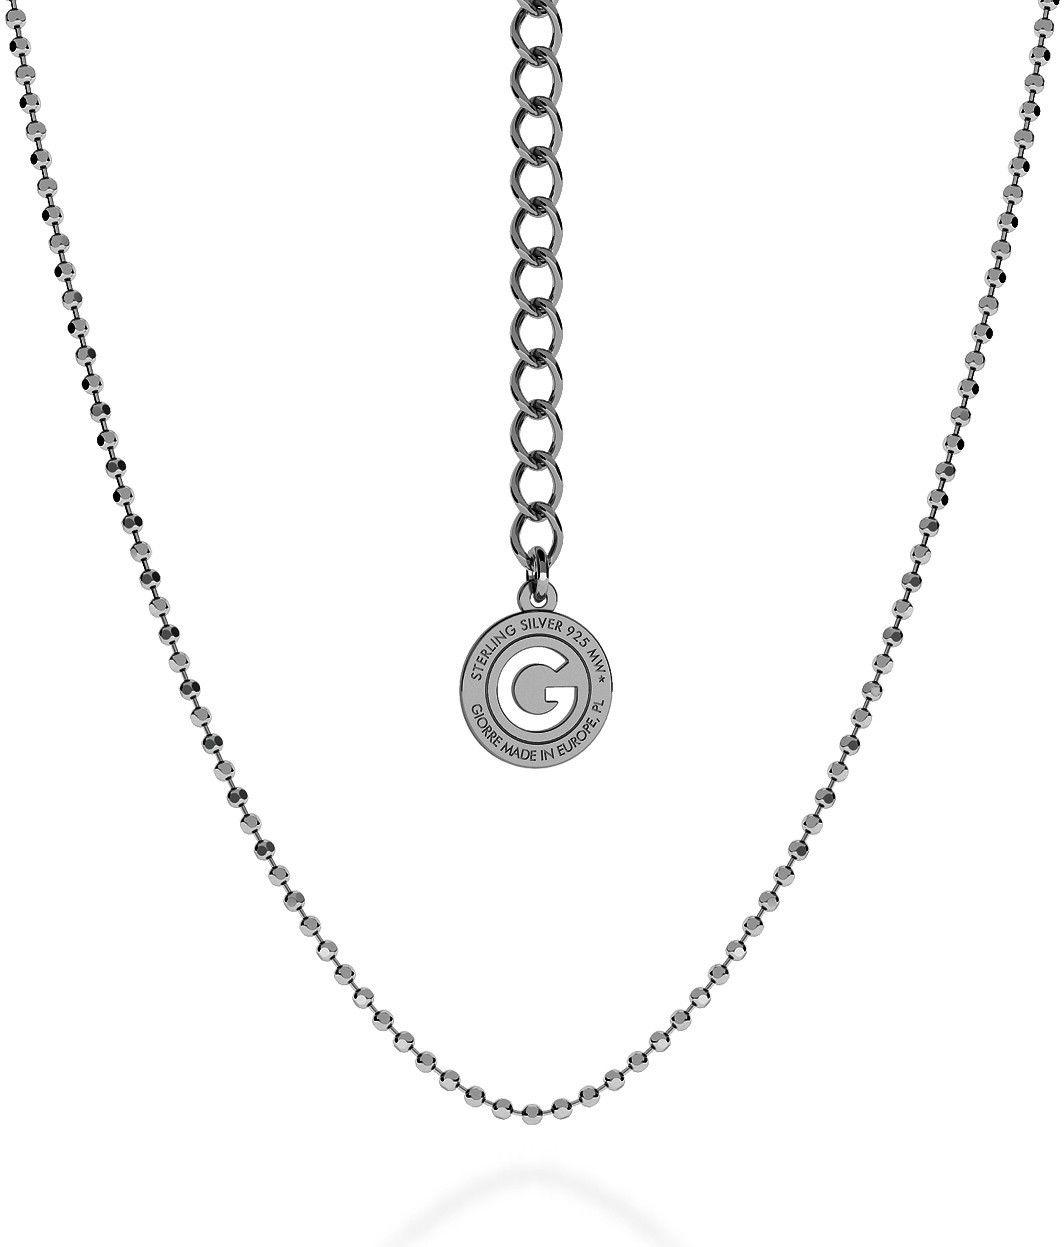 Srebrny łańcuszek z kulek, srebro 925 : Długość (cm) - 45 + 5, Srebro - kolor pokrycia - Pokrycie platyną